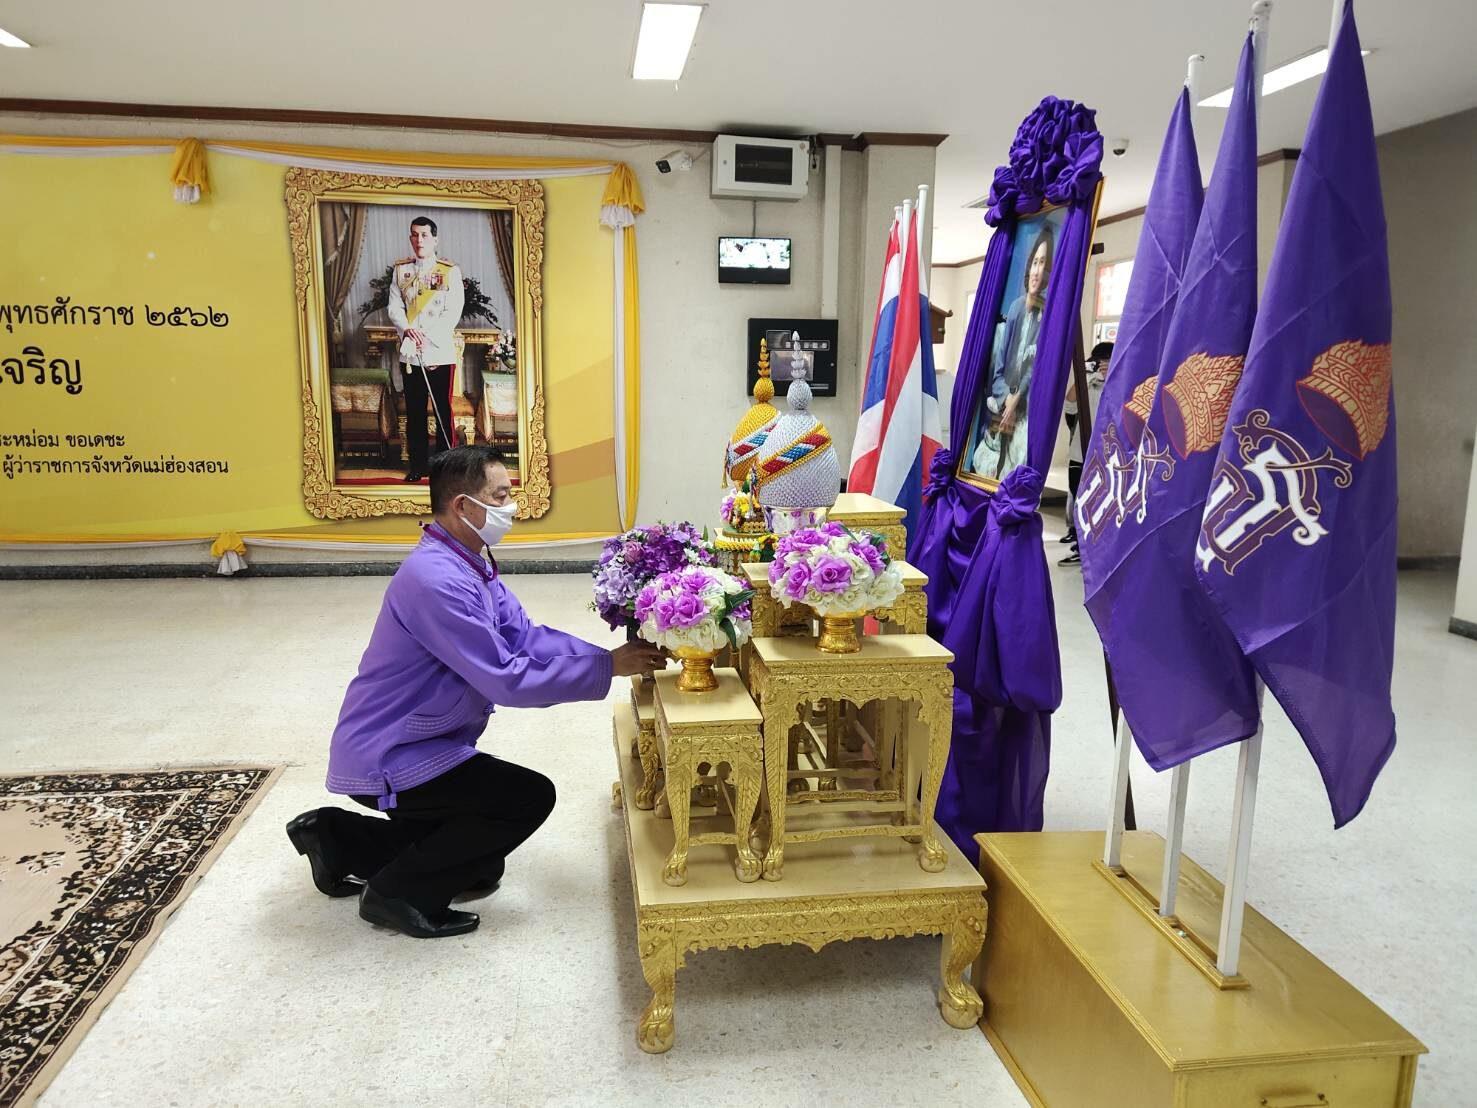 เหล่ากาชาดทั่วไทยร่วมใจถวายพระพร สมเด็จพระกนิษฐาฯให้หายพระอาการประชวร